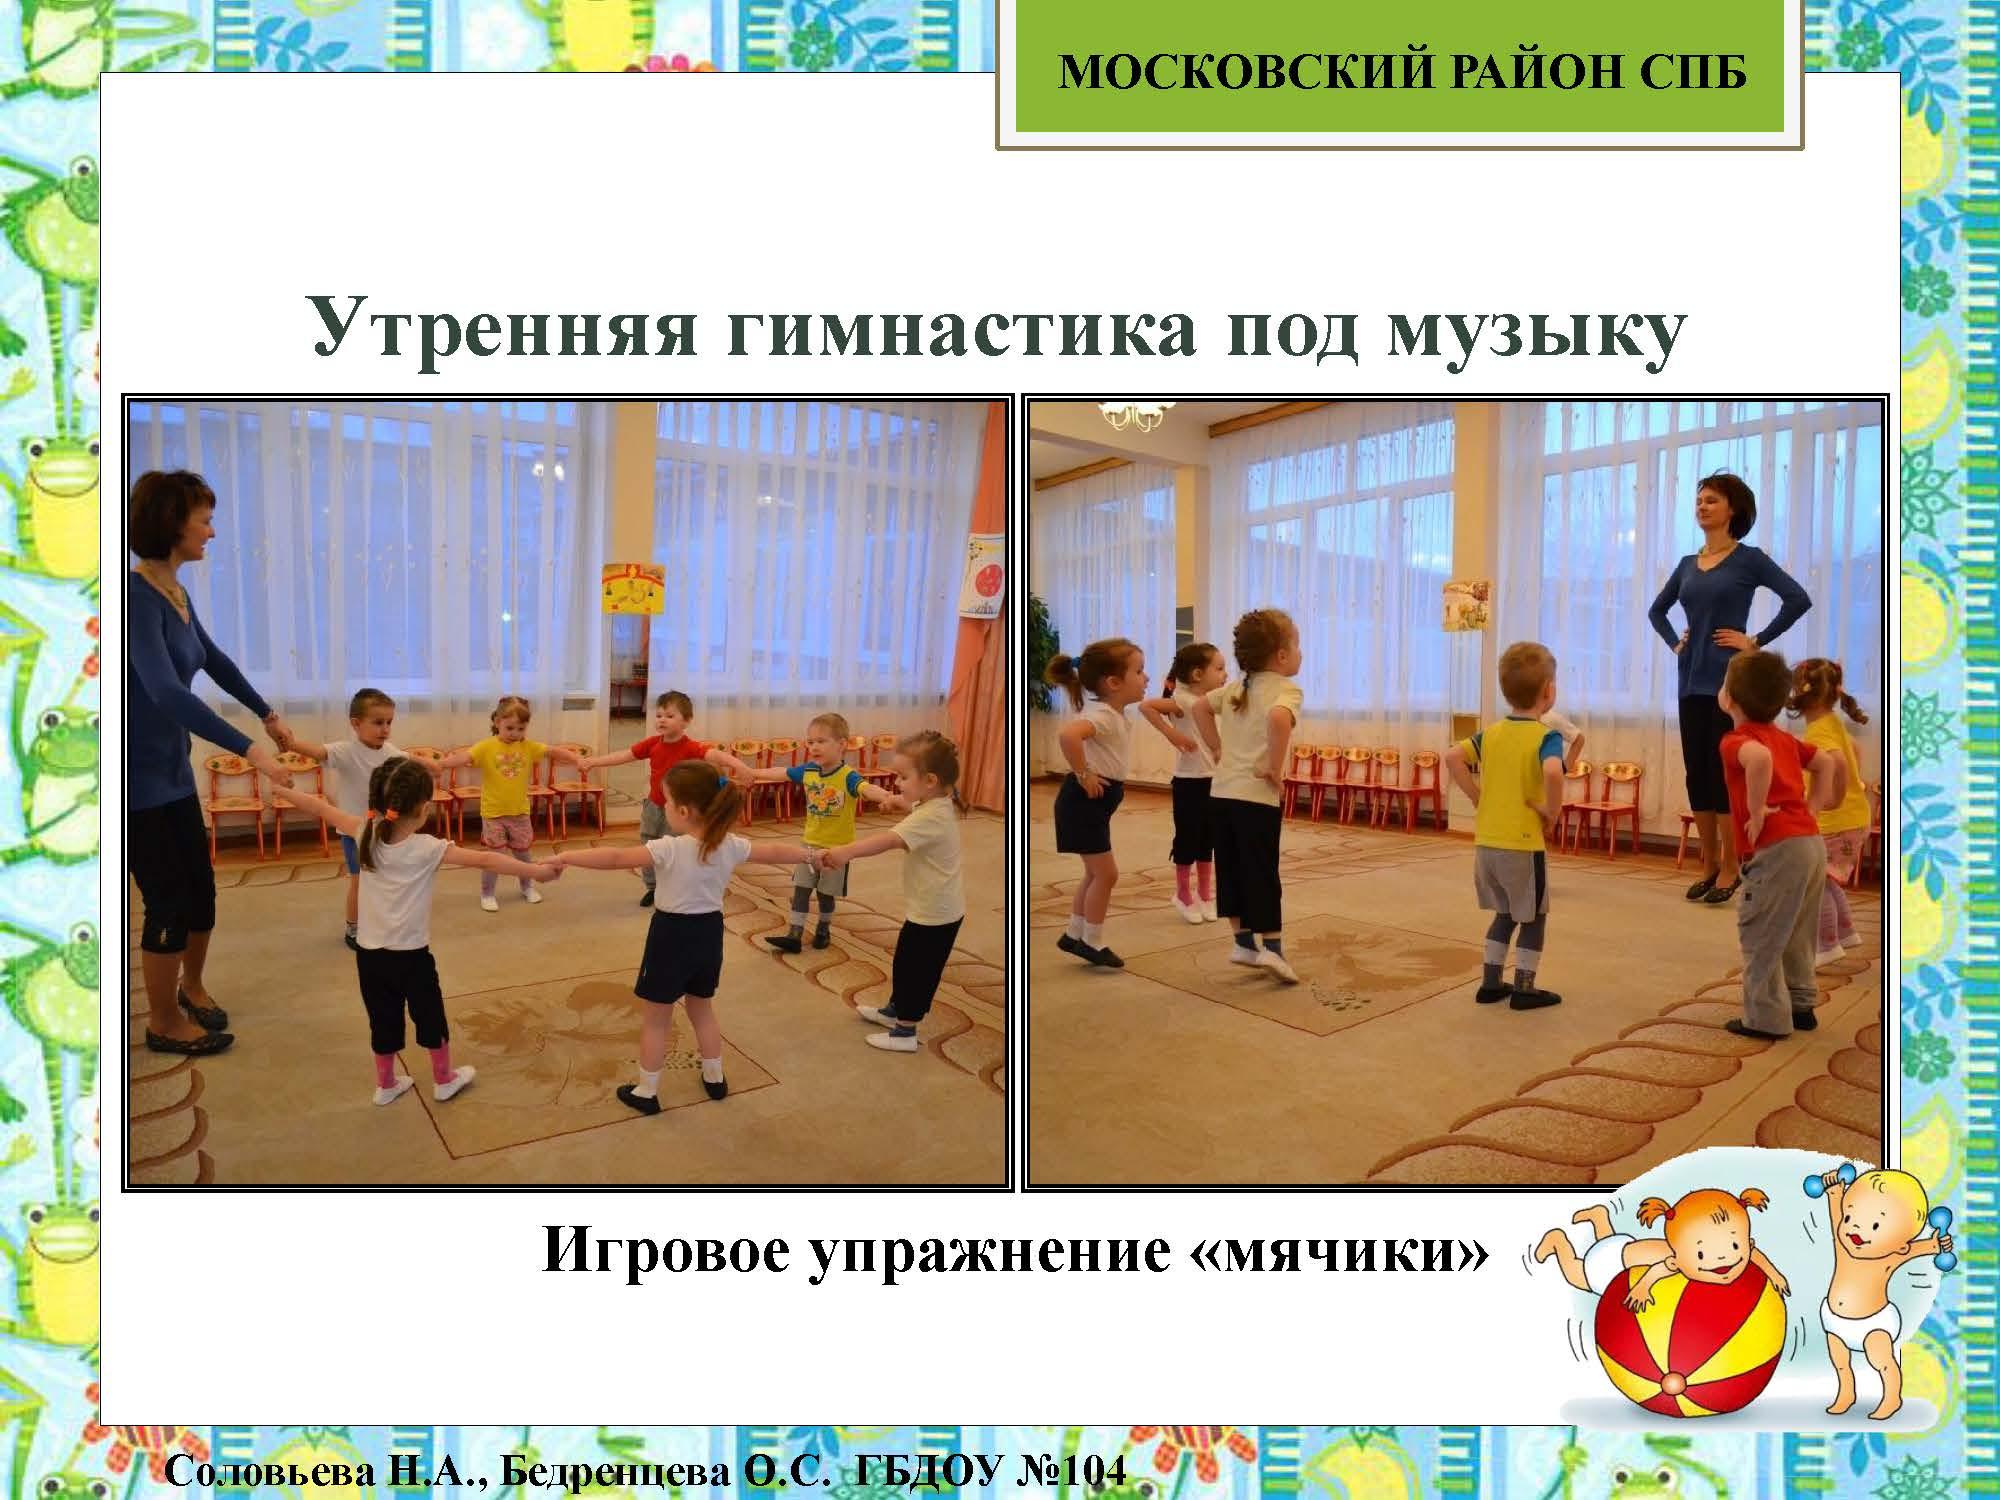 секция 8. ДОУ 104. Московский район_Страница_38